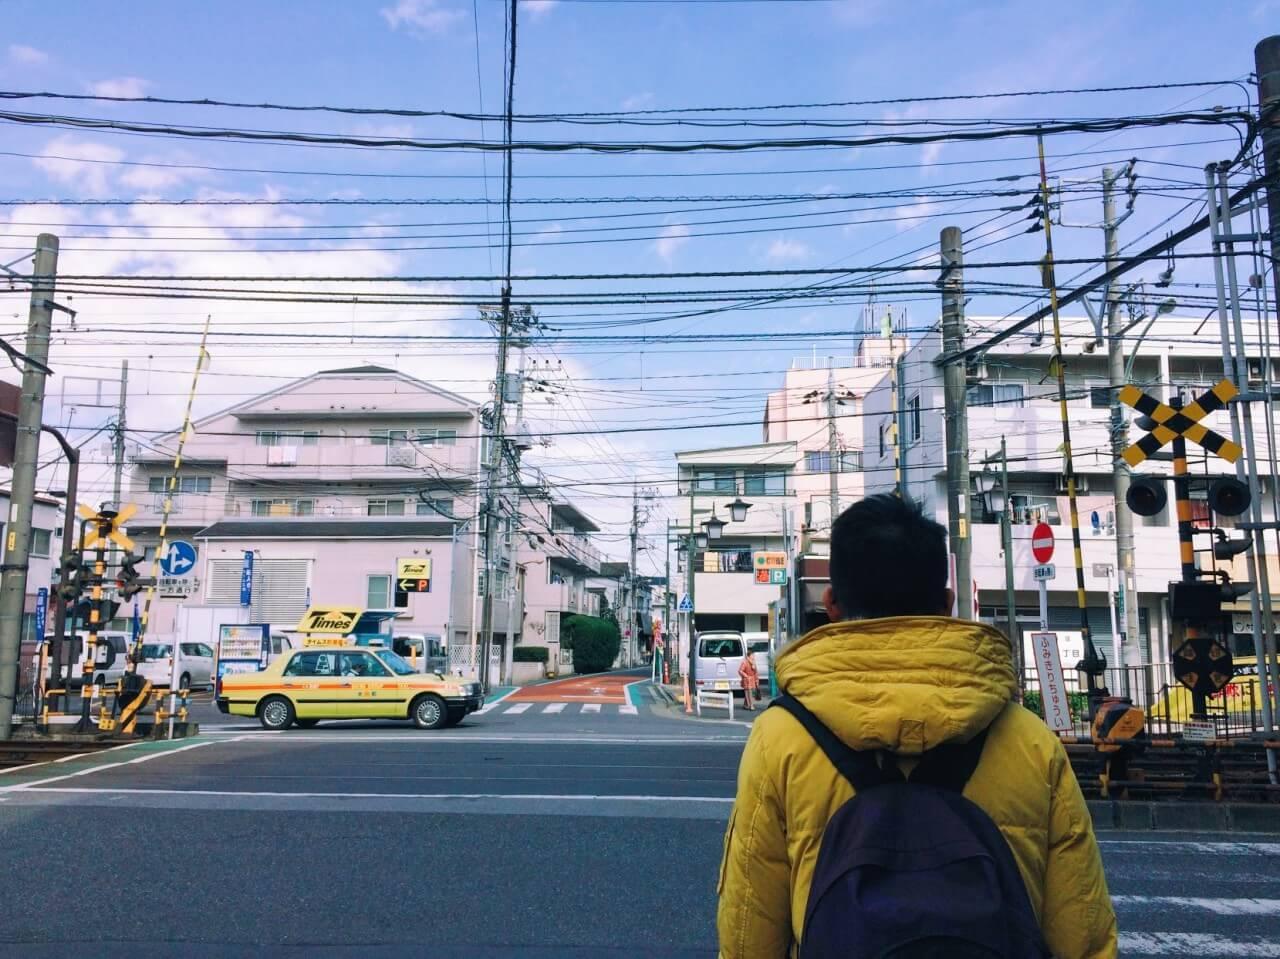 【東京景點推薦】搭著都電荒川線,來場文青下町旅行